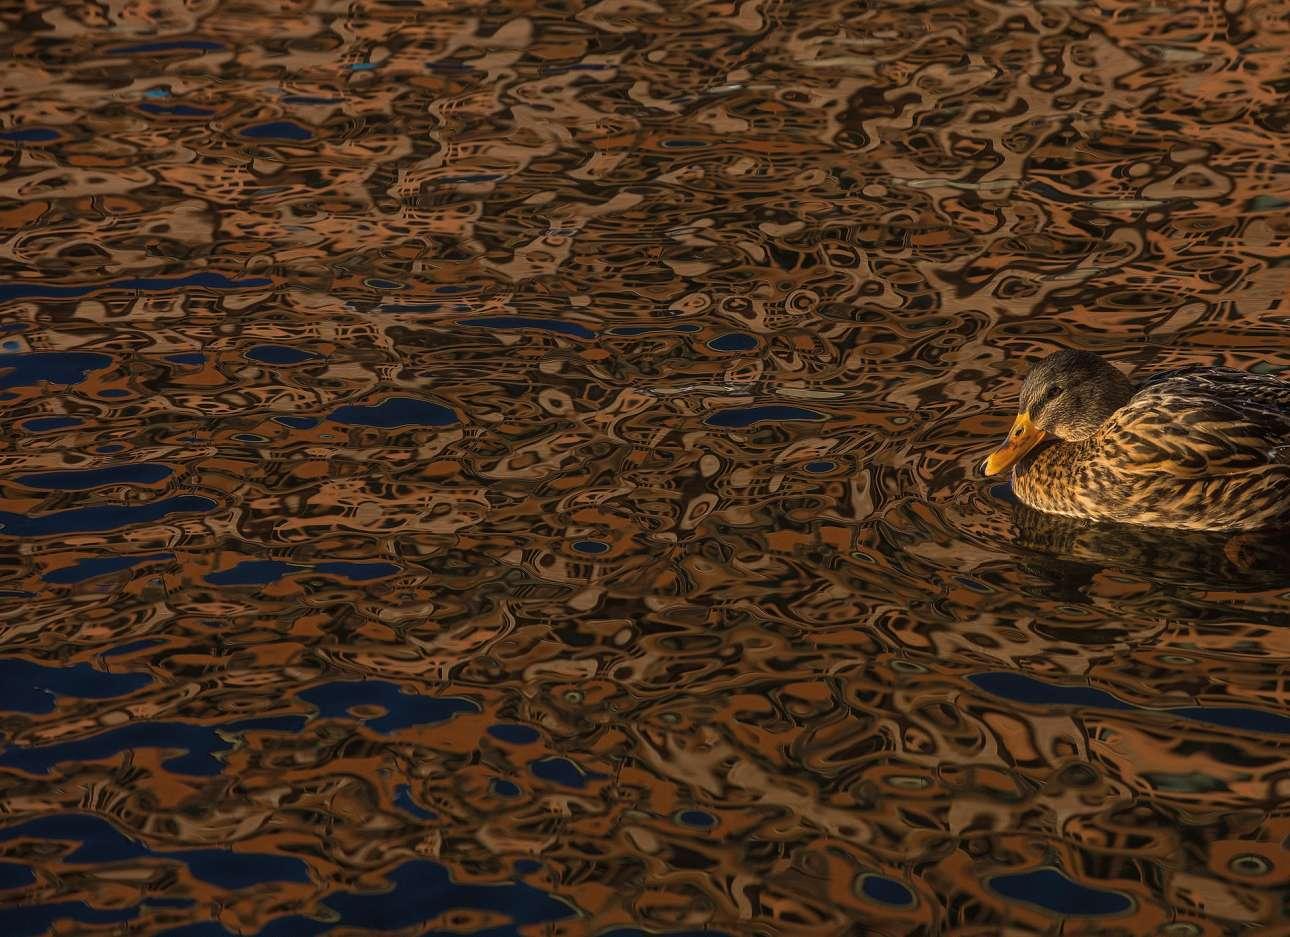 Τιμητική αναφορά, κατηγορία «Πουλιά στο περιβάλλον». Αγριόπαπια «καμουφλάρεται» στα νερά λίμνης στην Στοκχόλμη